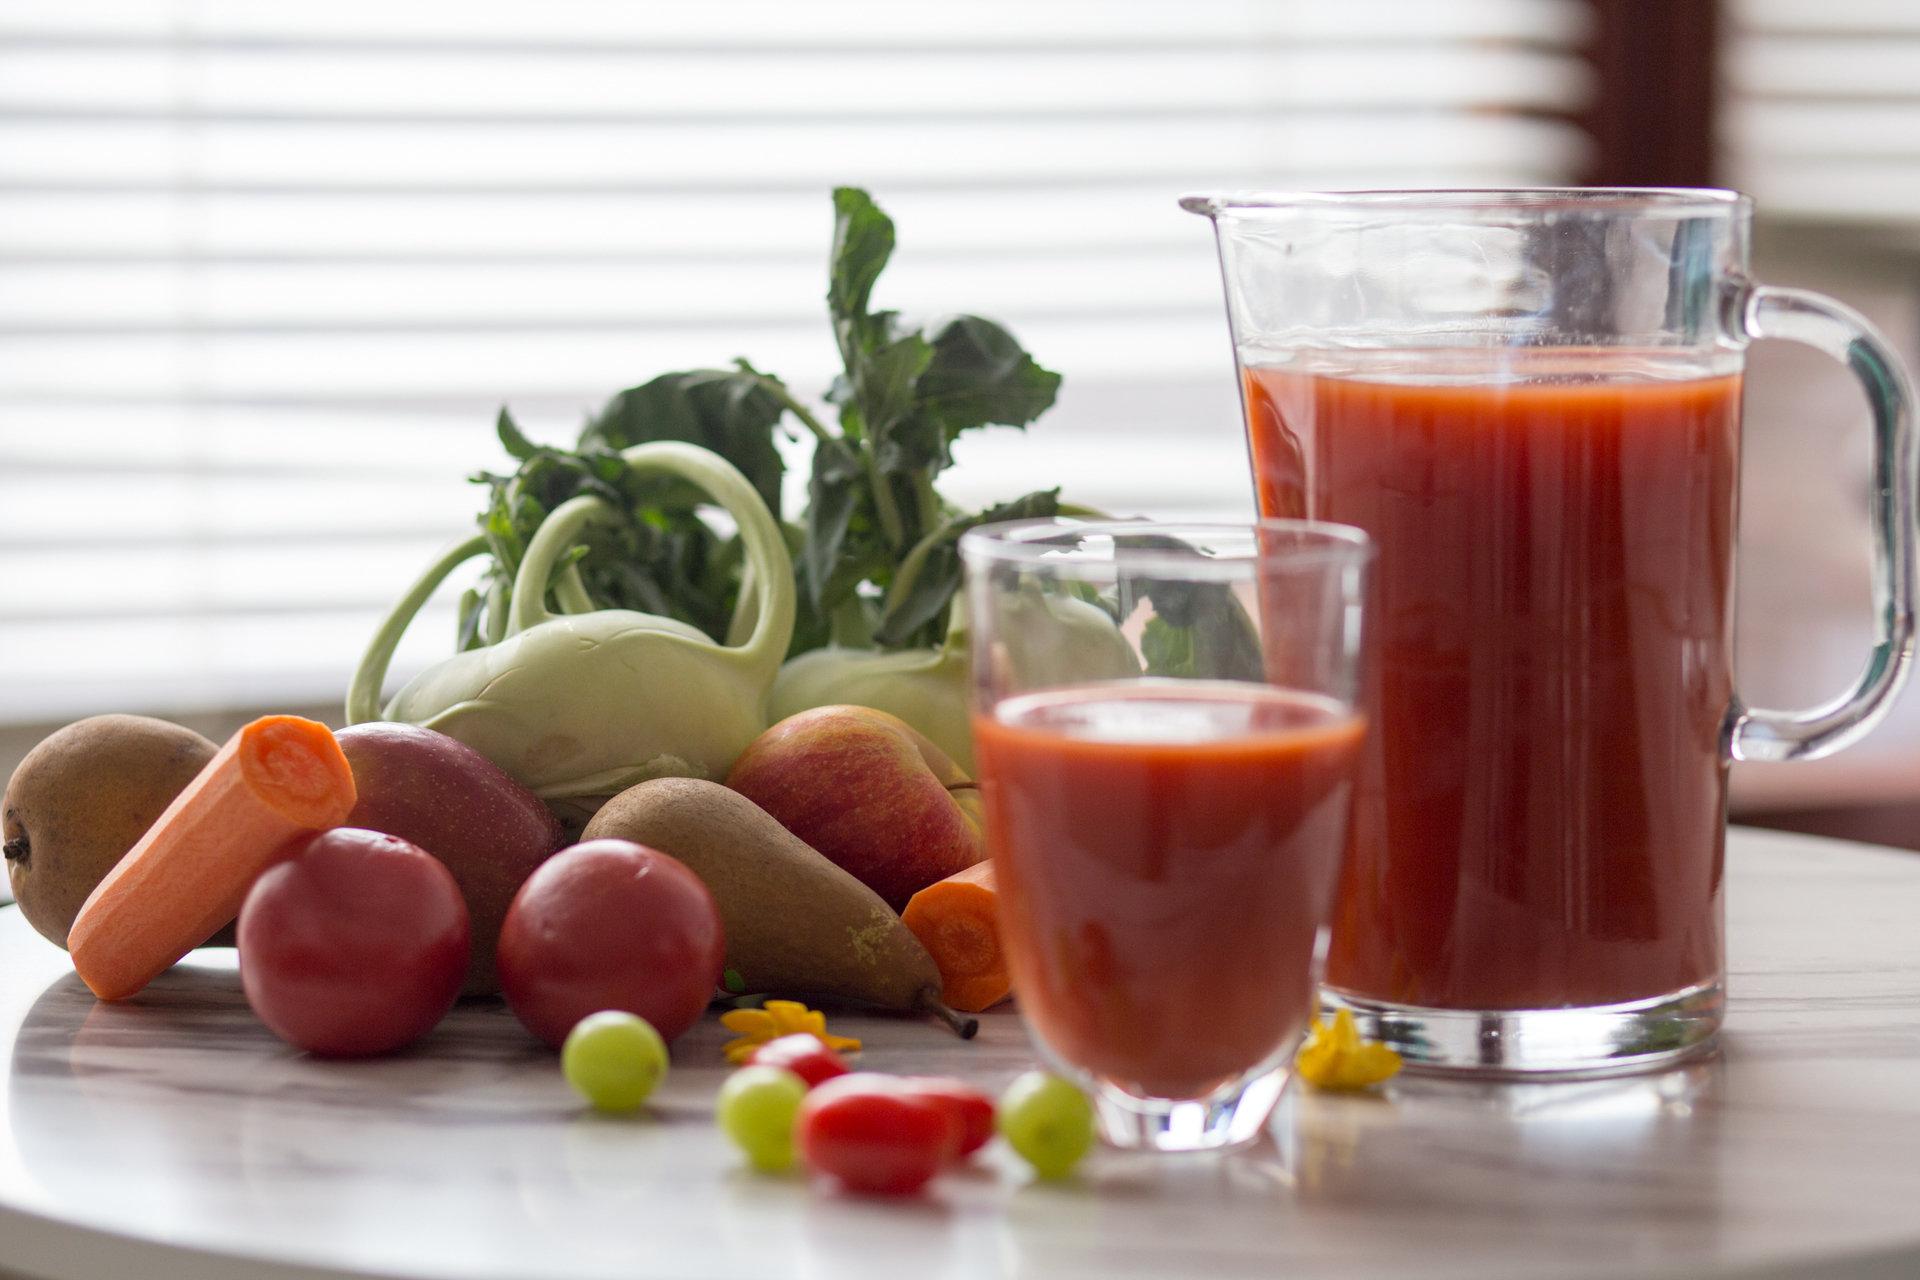 Zwykły sok – niezwykłe właściwości. 30 maja – Światowy Dzień Soku